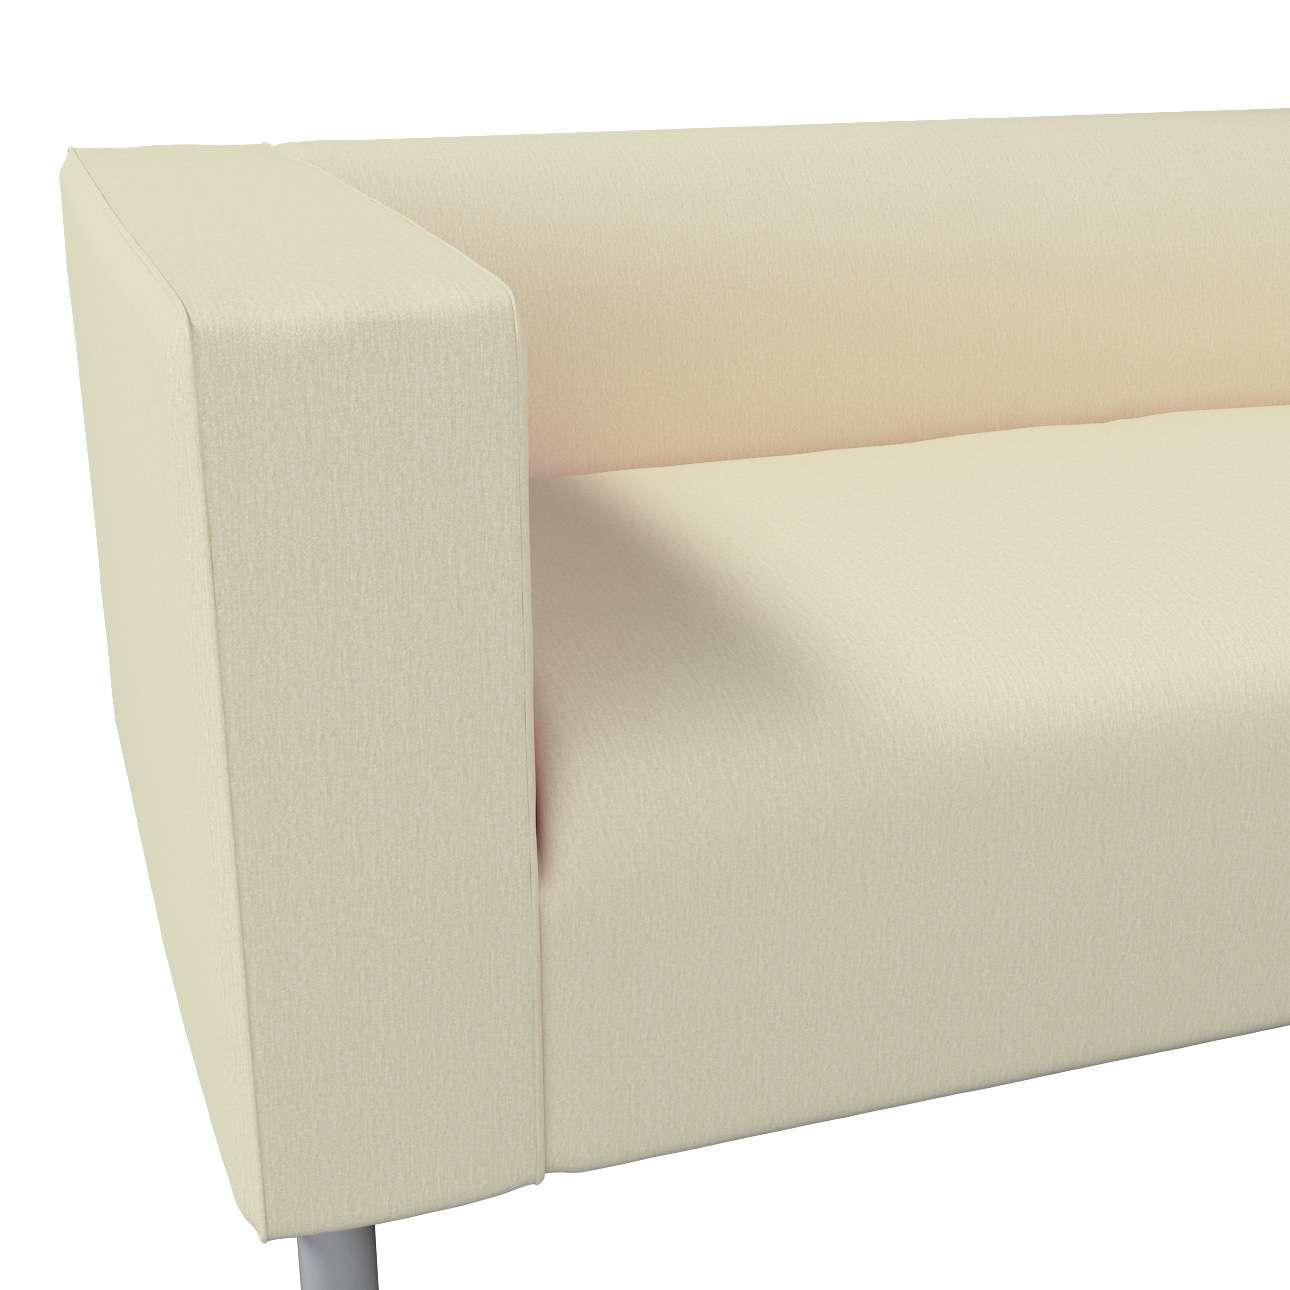 Klippan keturvietės sofos užvalkalas kolekcijoje Chenille, audinys: 702-22